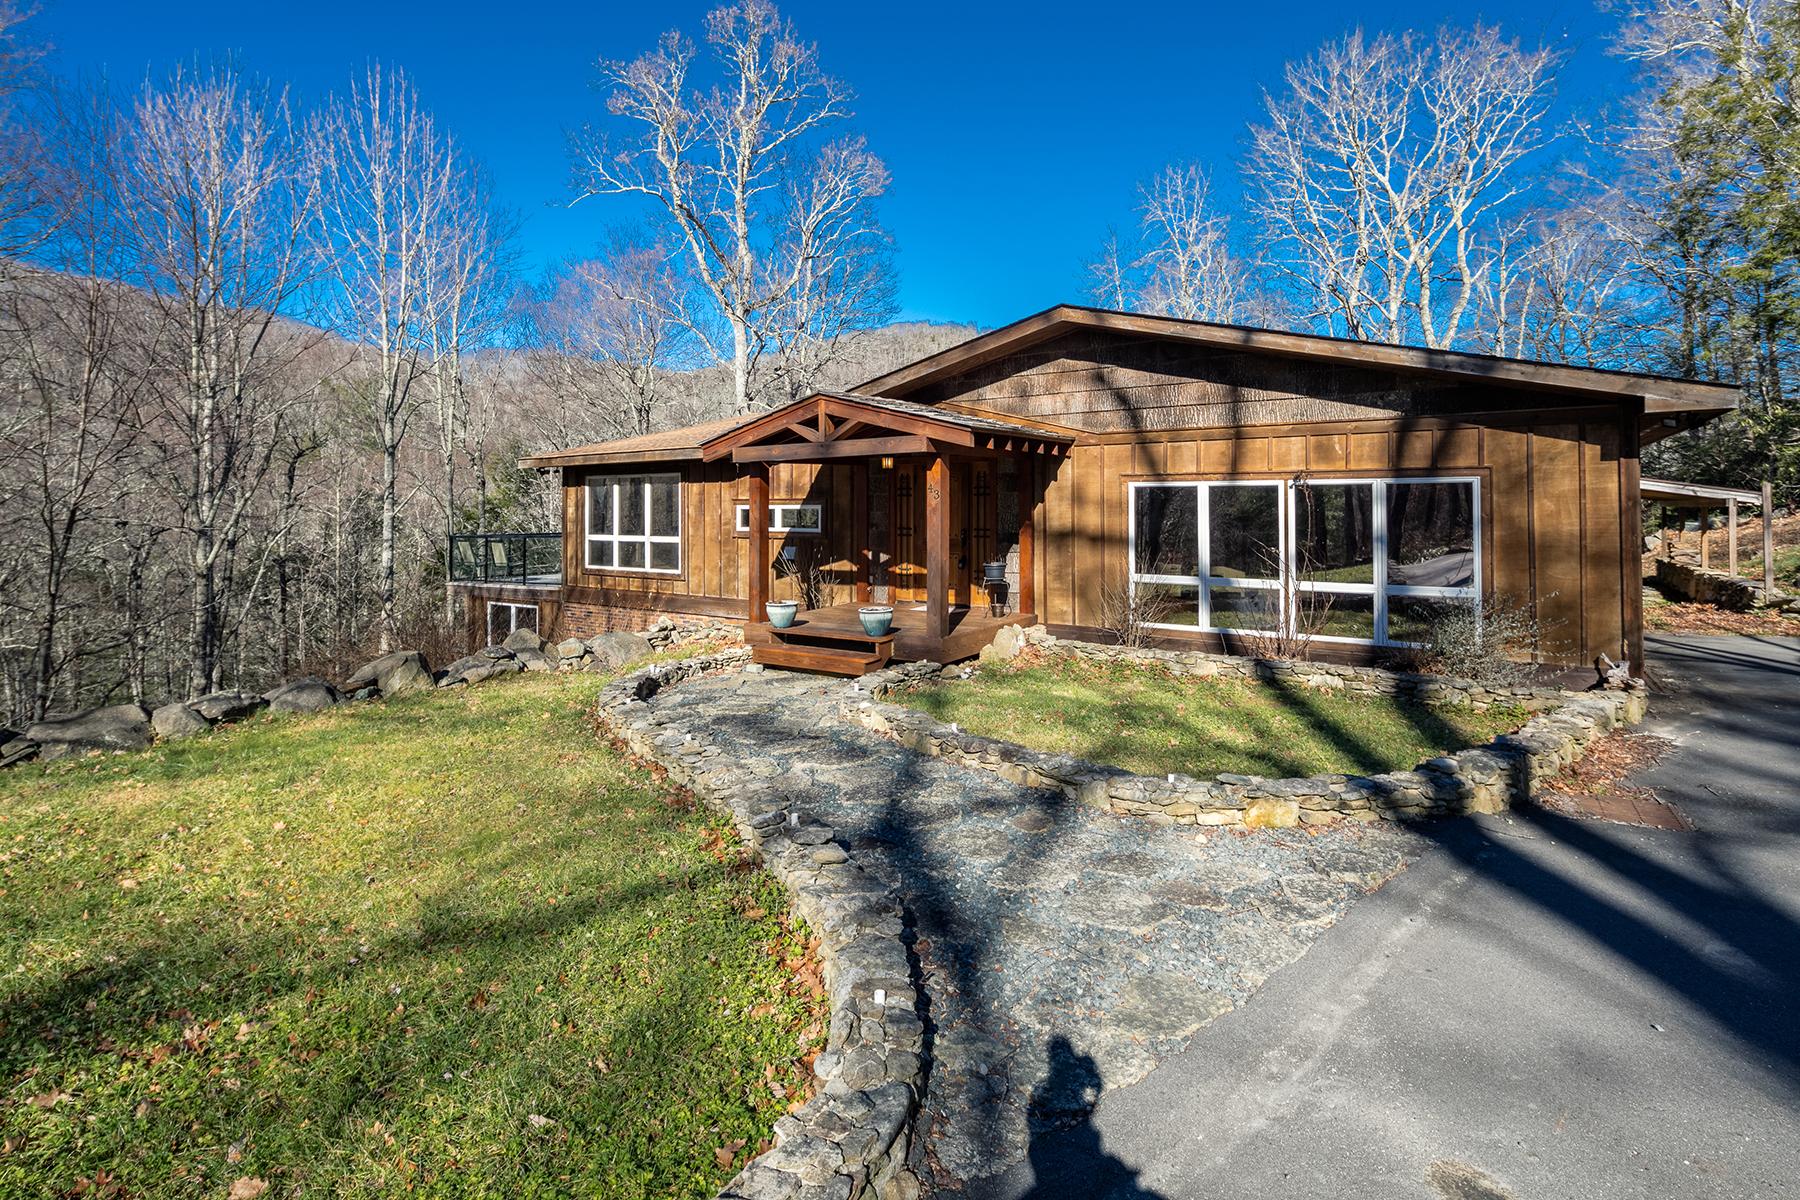 Einfamilienhaus für Verkauf beim LINVILLE - TANGLEWOOD 43 Peak View Lane Linville, North Carolina, 28646 Vereinigte Staaten